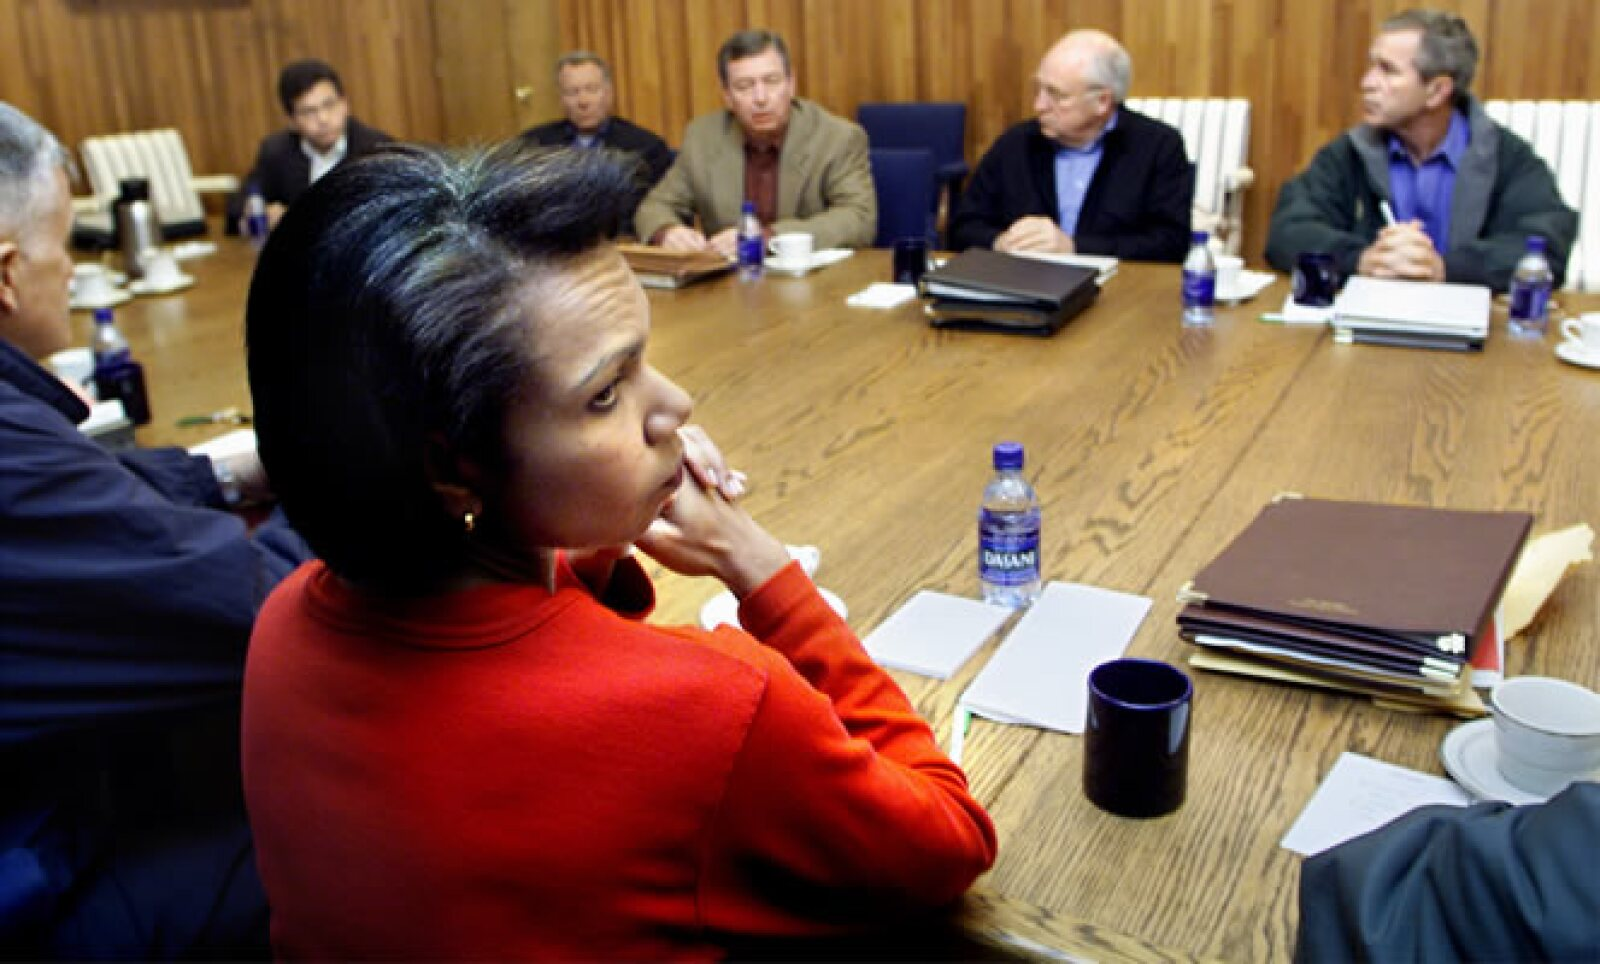 Condolezza Rice, asesora de seguridad nacional de Estados Unidos en ese momento, apoyó al presidente Bush en las horas subsecuentes al ataque a las Torres Gemelas.